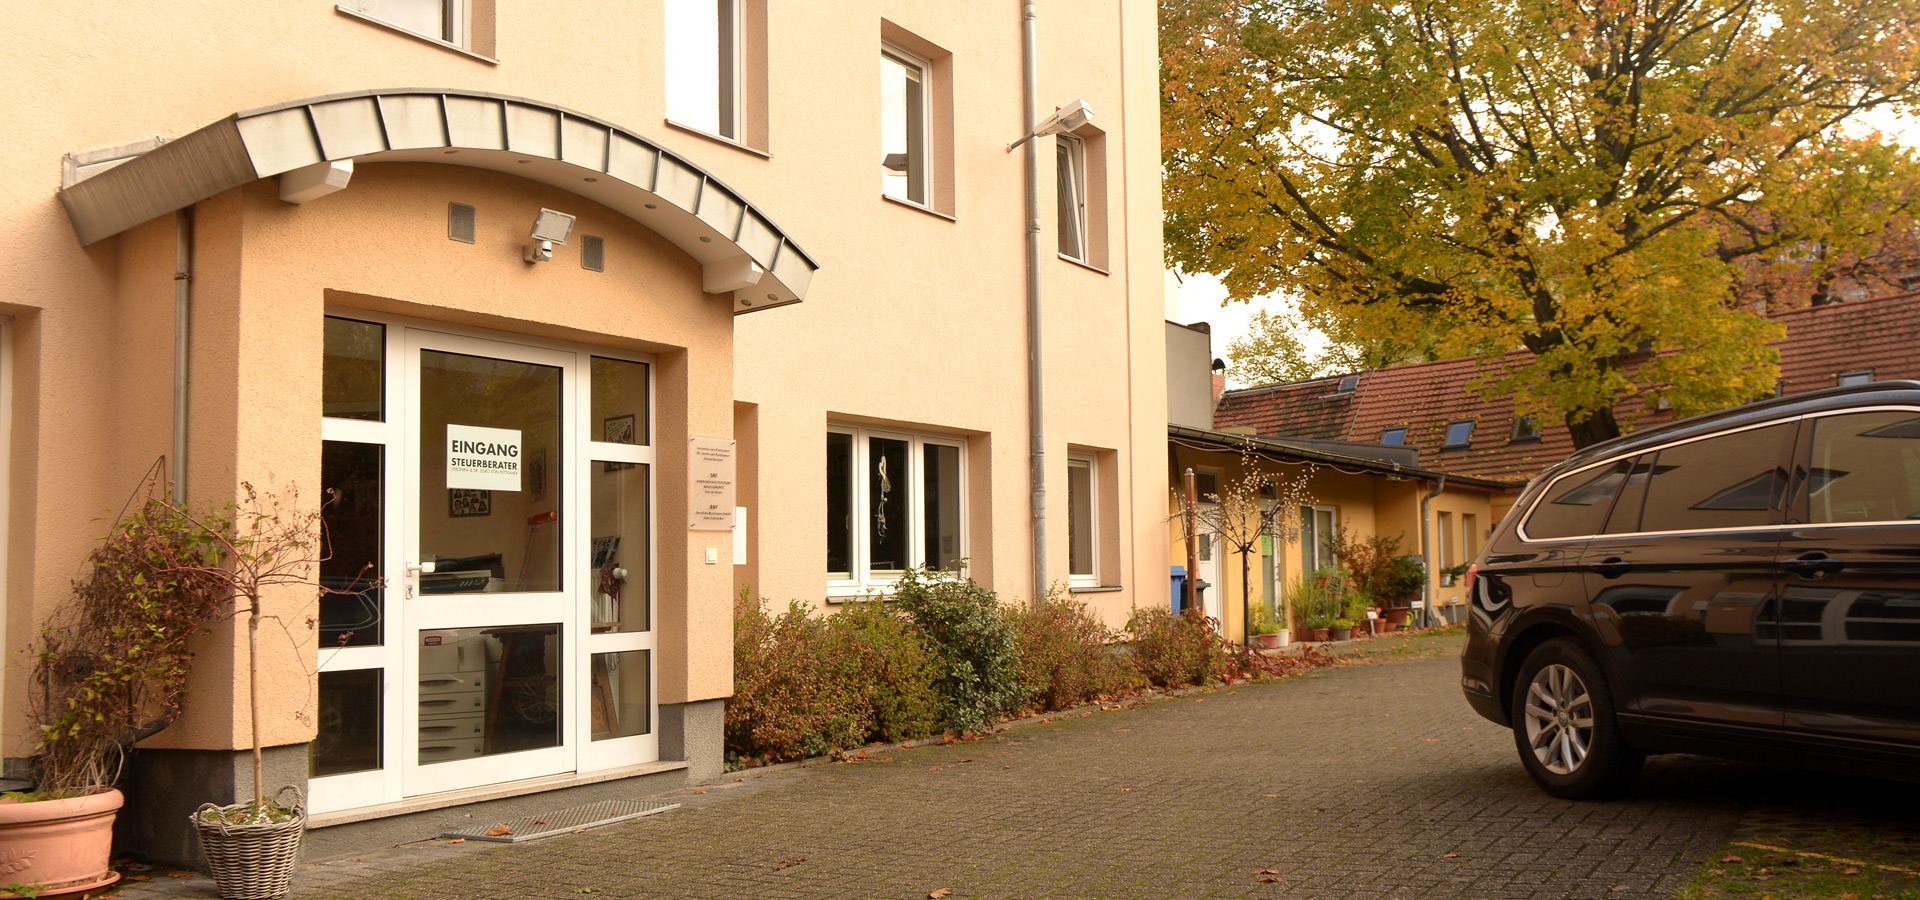 Steuerbüro in Friedrichshagen